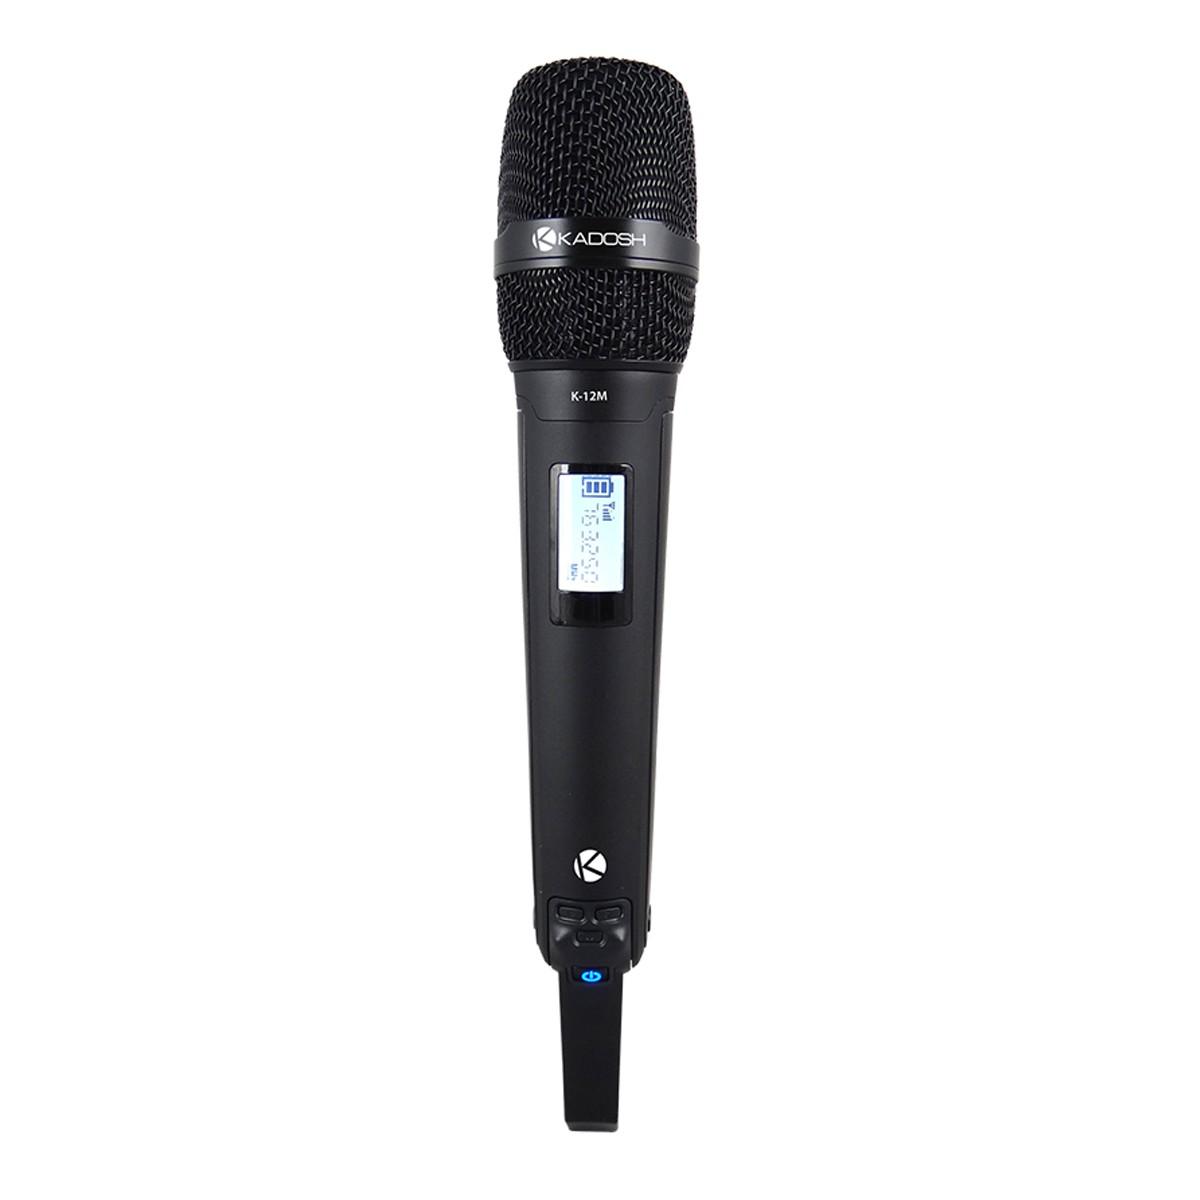 Microfone sem fio Kadosh K1201M com 1 Microfone de Mão